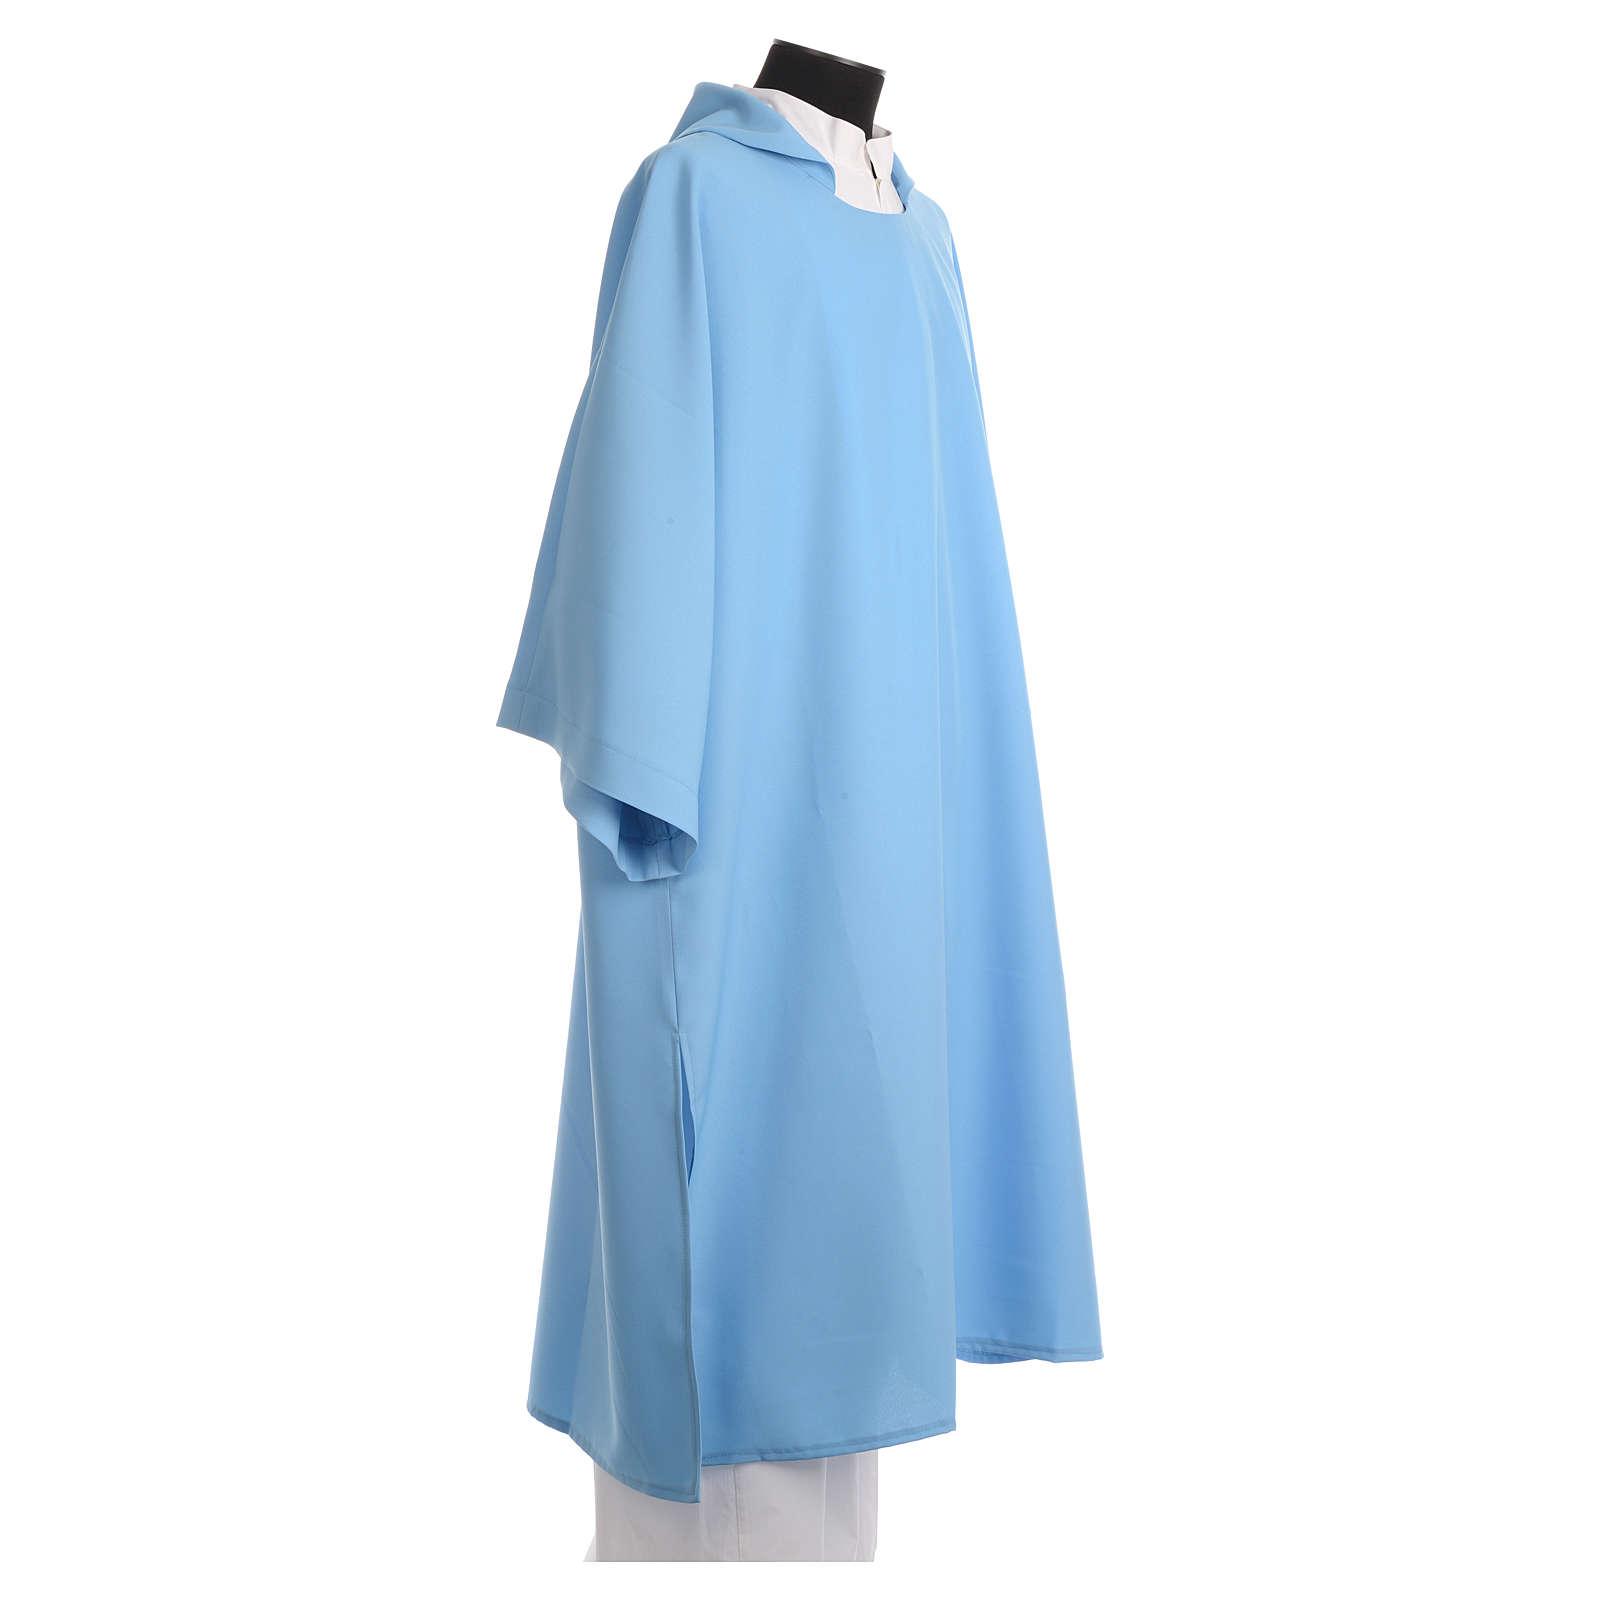 Dalmática poliéster azul 4